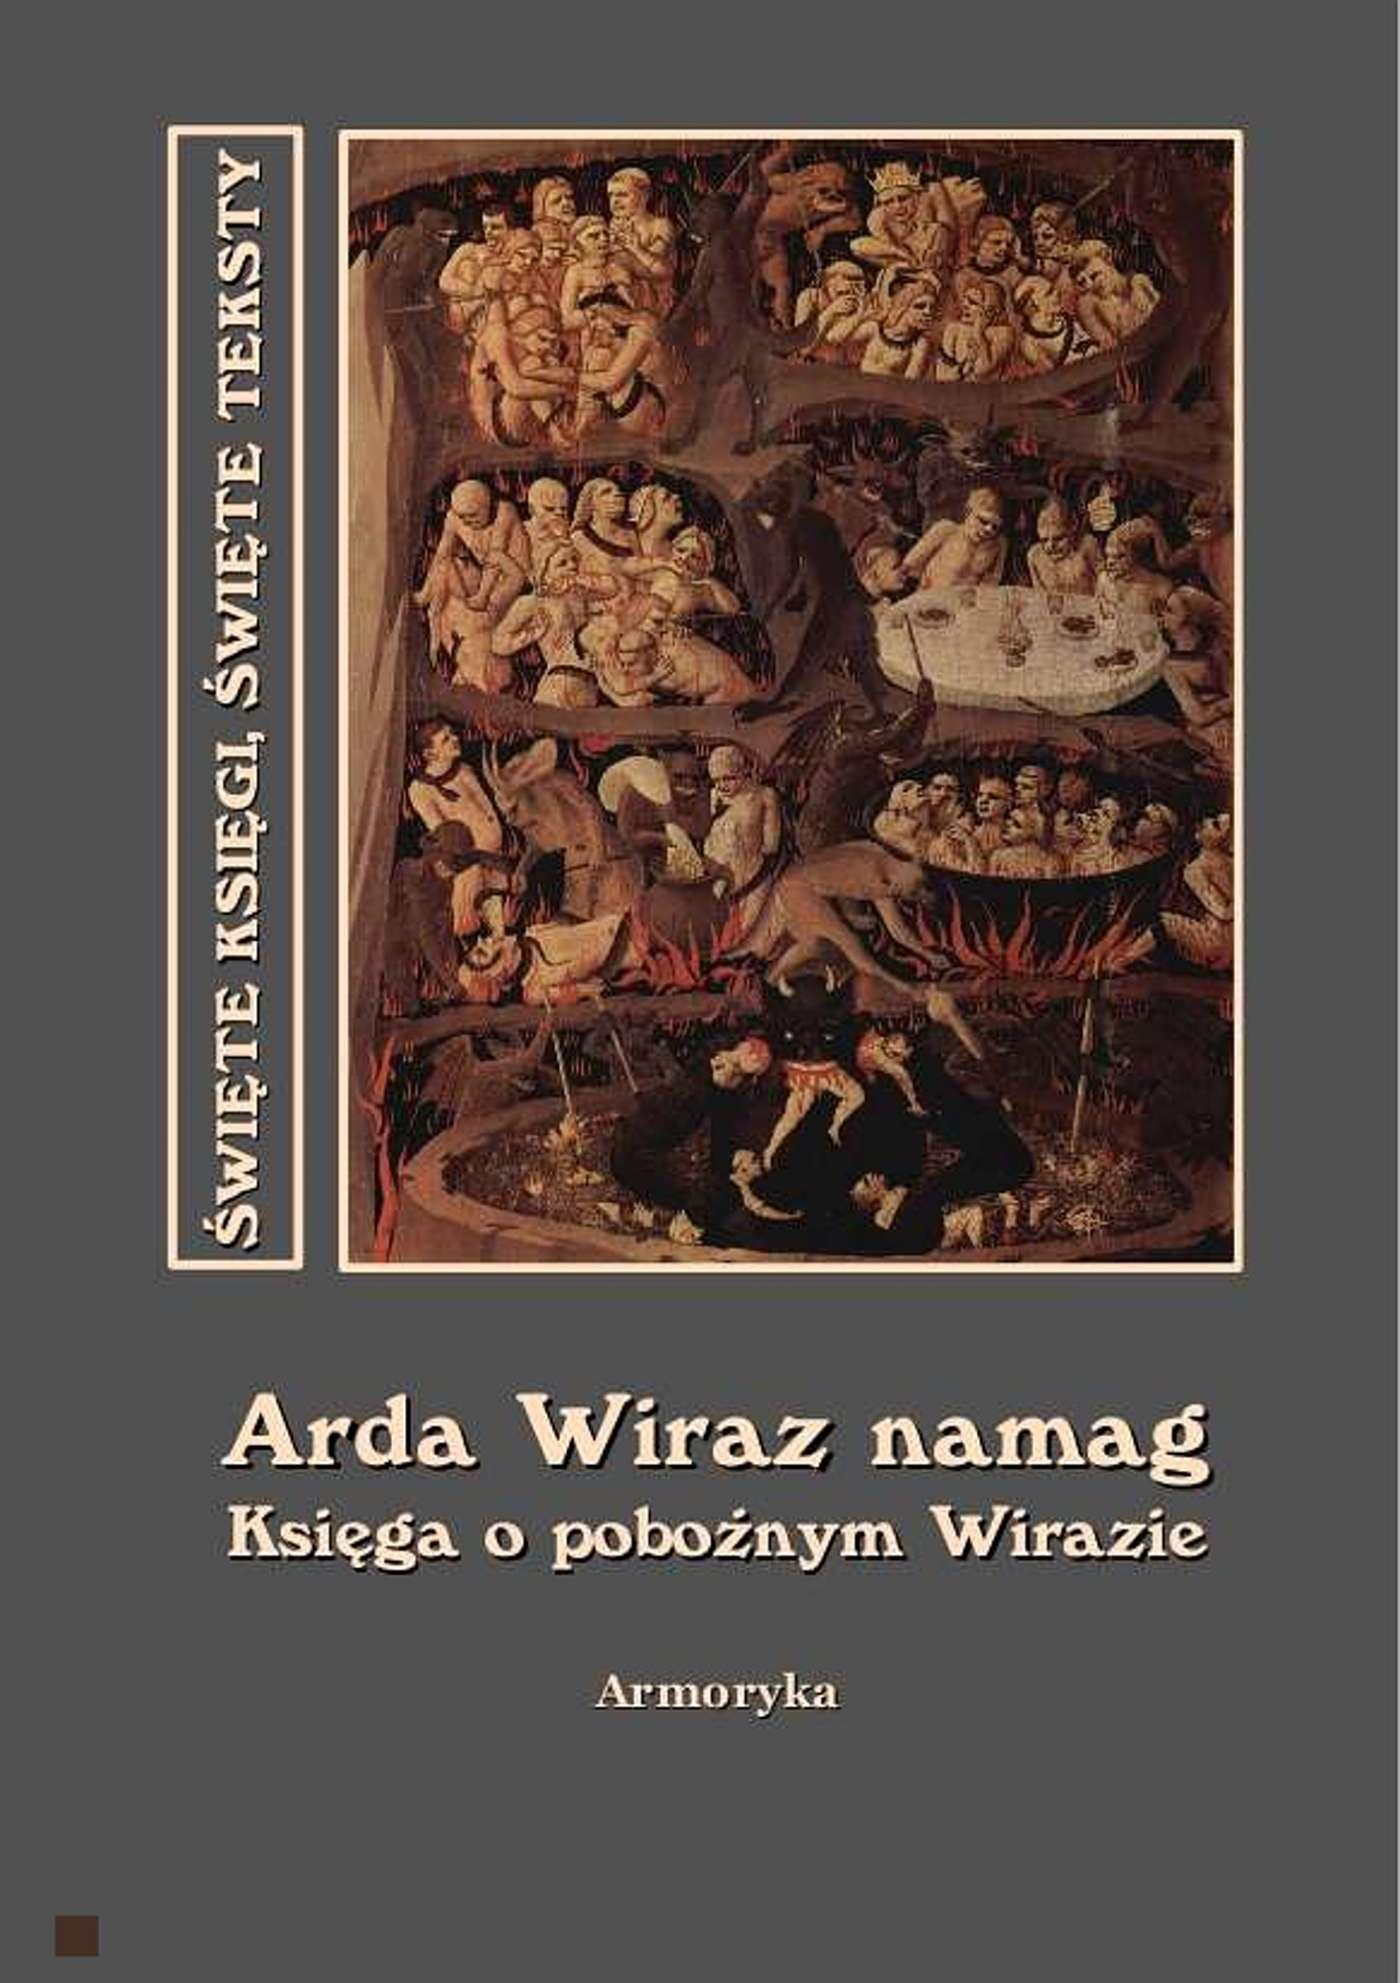 Arda Wiraz namag. Księga o pobożnym Wirazie - Ebook (Książka EPUB) do pobrania w formacie EPUB